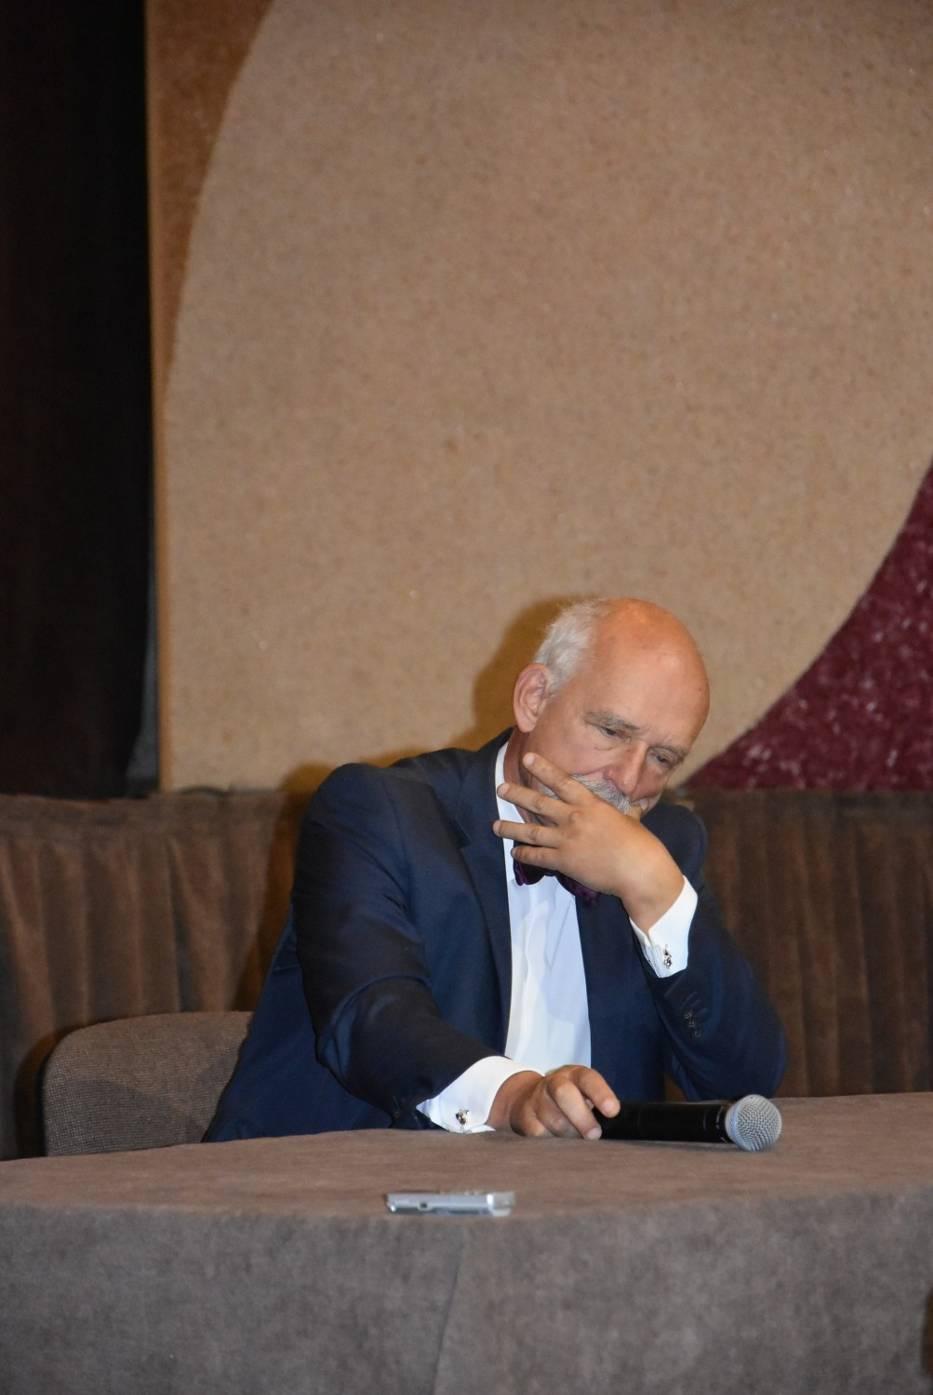 Janusz Korwin - Mikke we Wrześni. Mówił o Rambo, elicie i pieniądzach, które psują międzyludzkie relacje